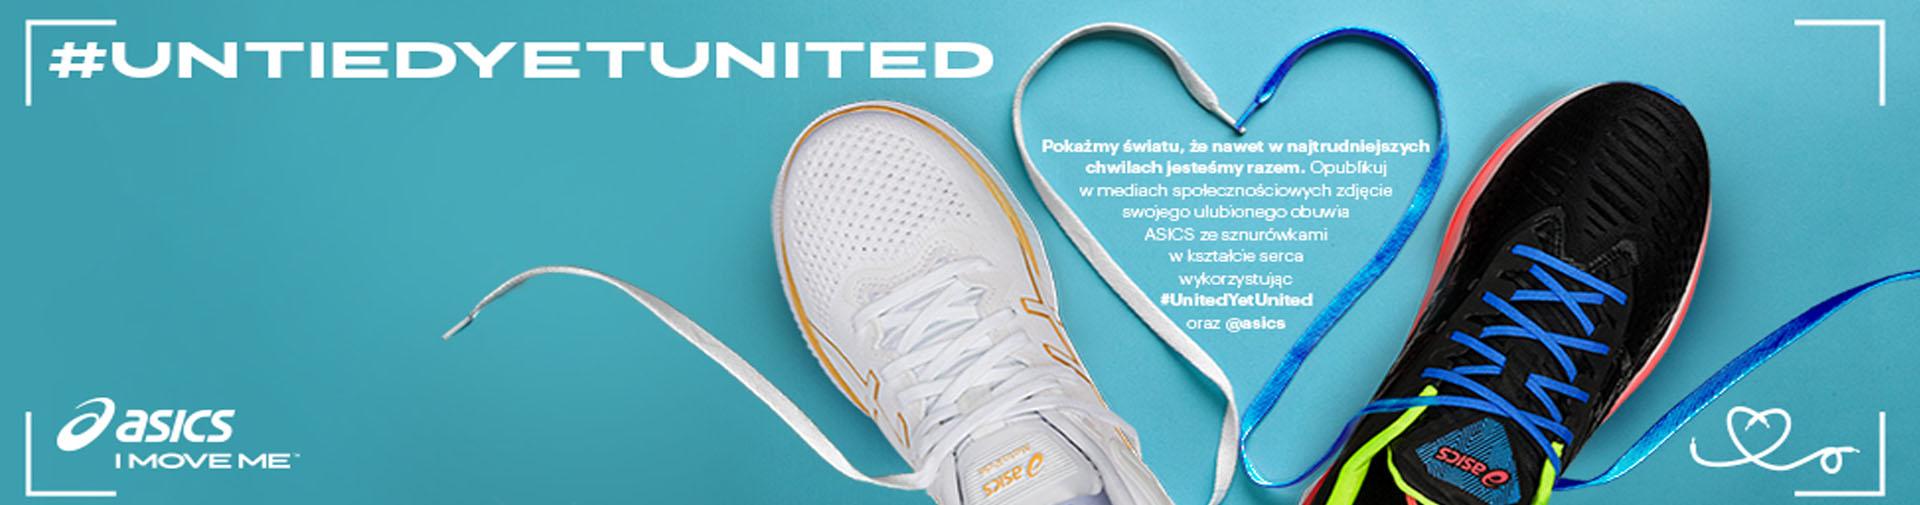 pokażmy, że jesteśmy razem. Udostępnij w mediach społecznościowych zdjęcie swojego ulubionego obuwia Asics ze sznurówkami w kształcie serca i udostępnij z #UnitedYetUnited